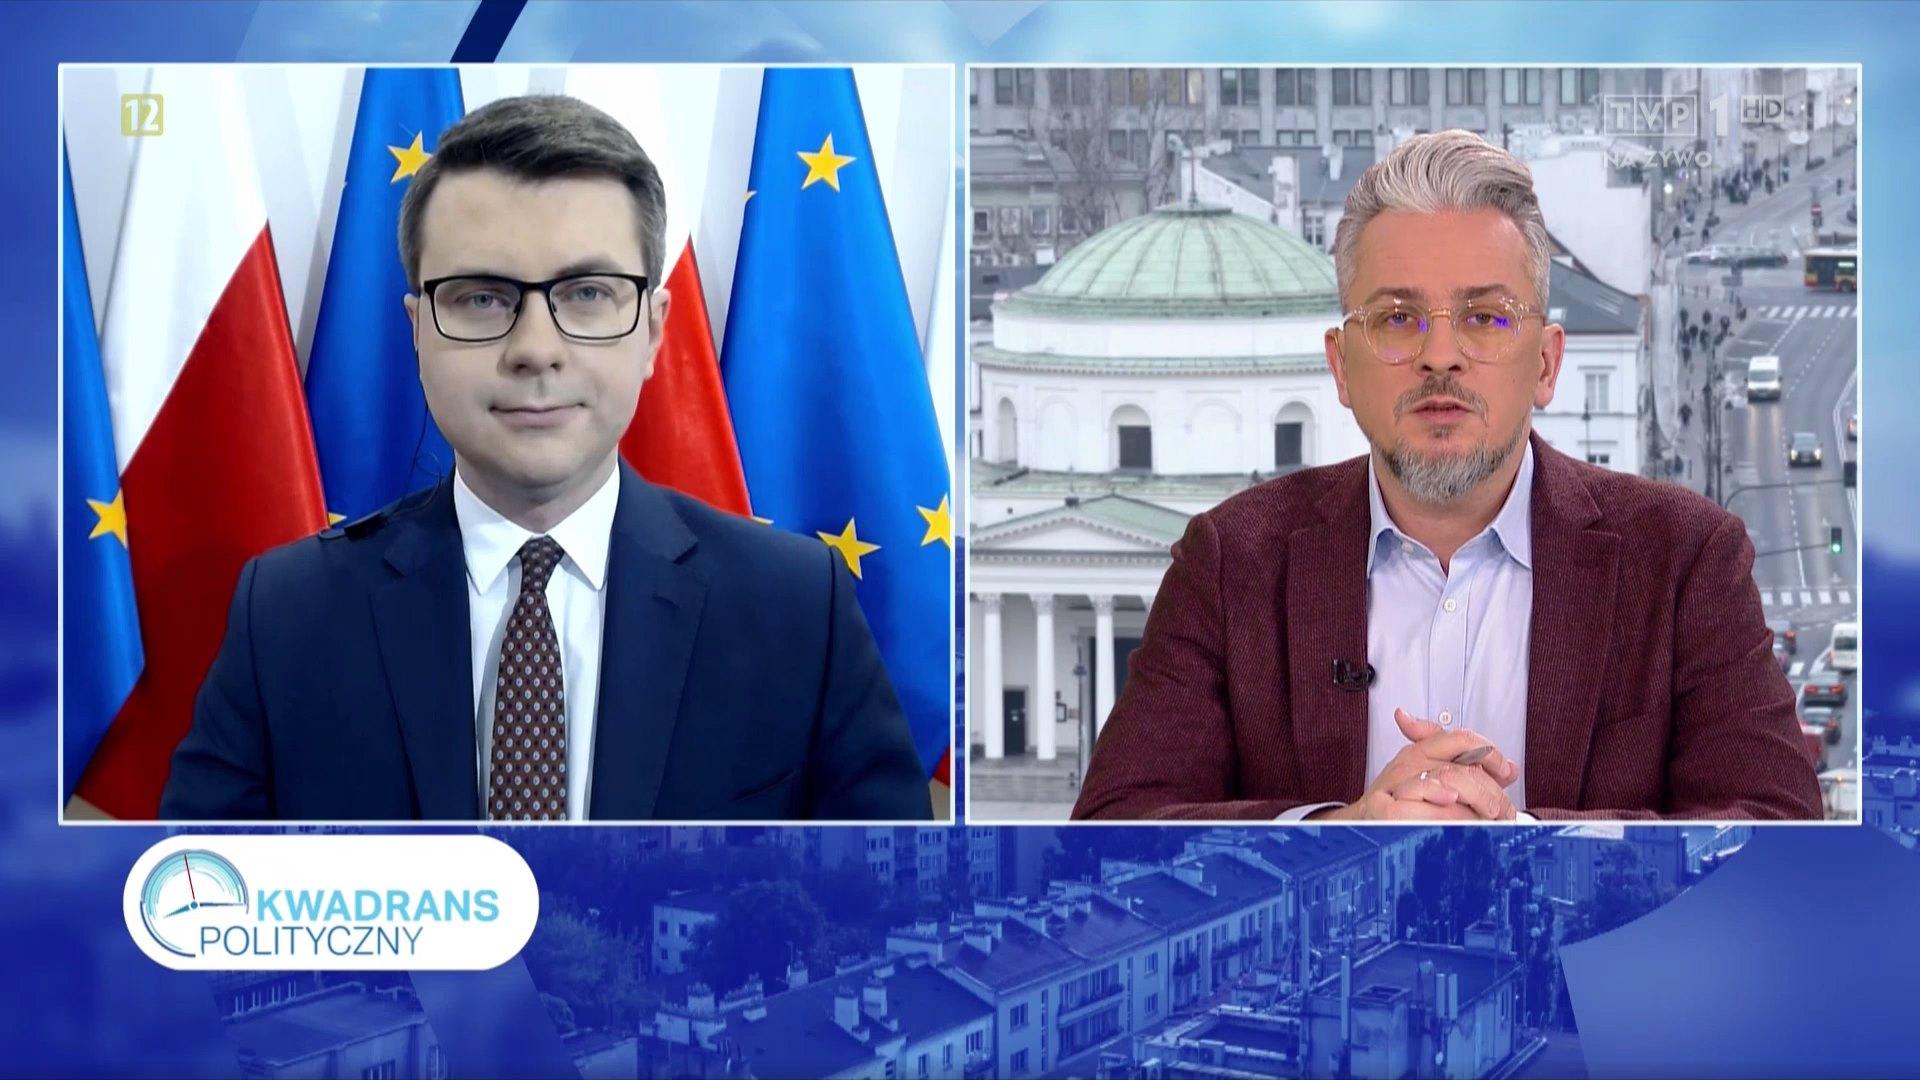 Program Kwadrans polityczny z udziałem Piotra Müllera